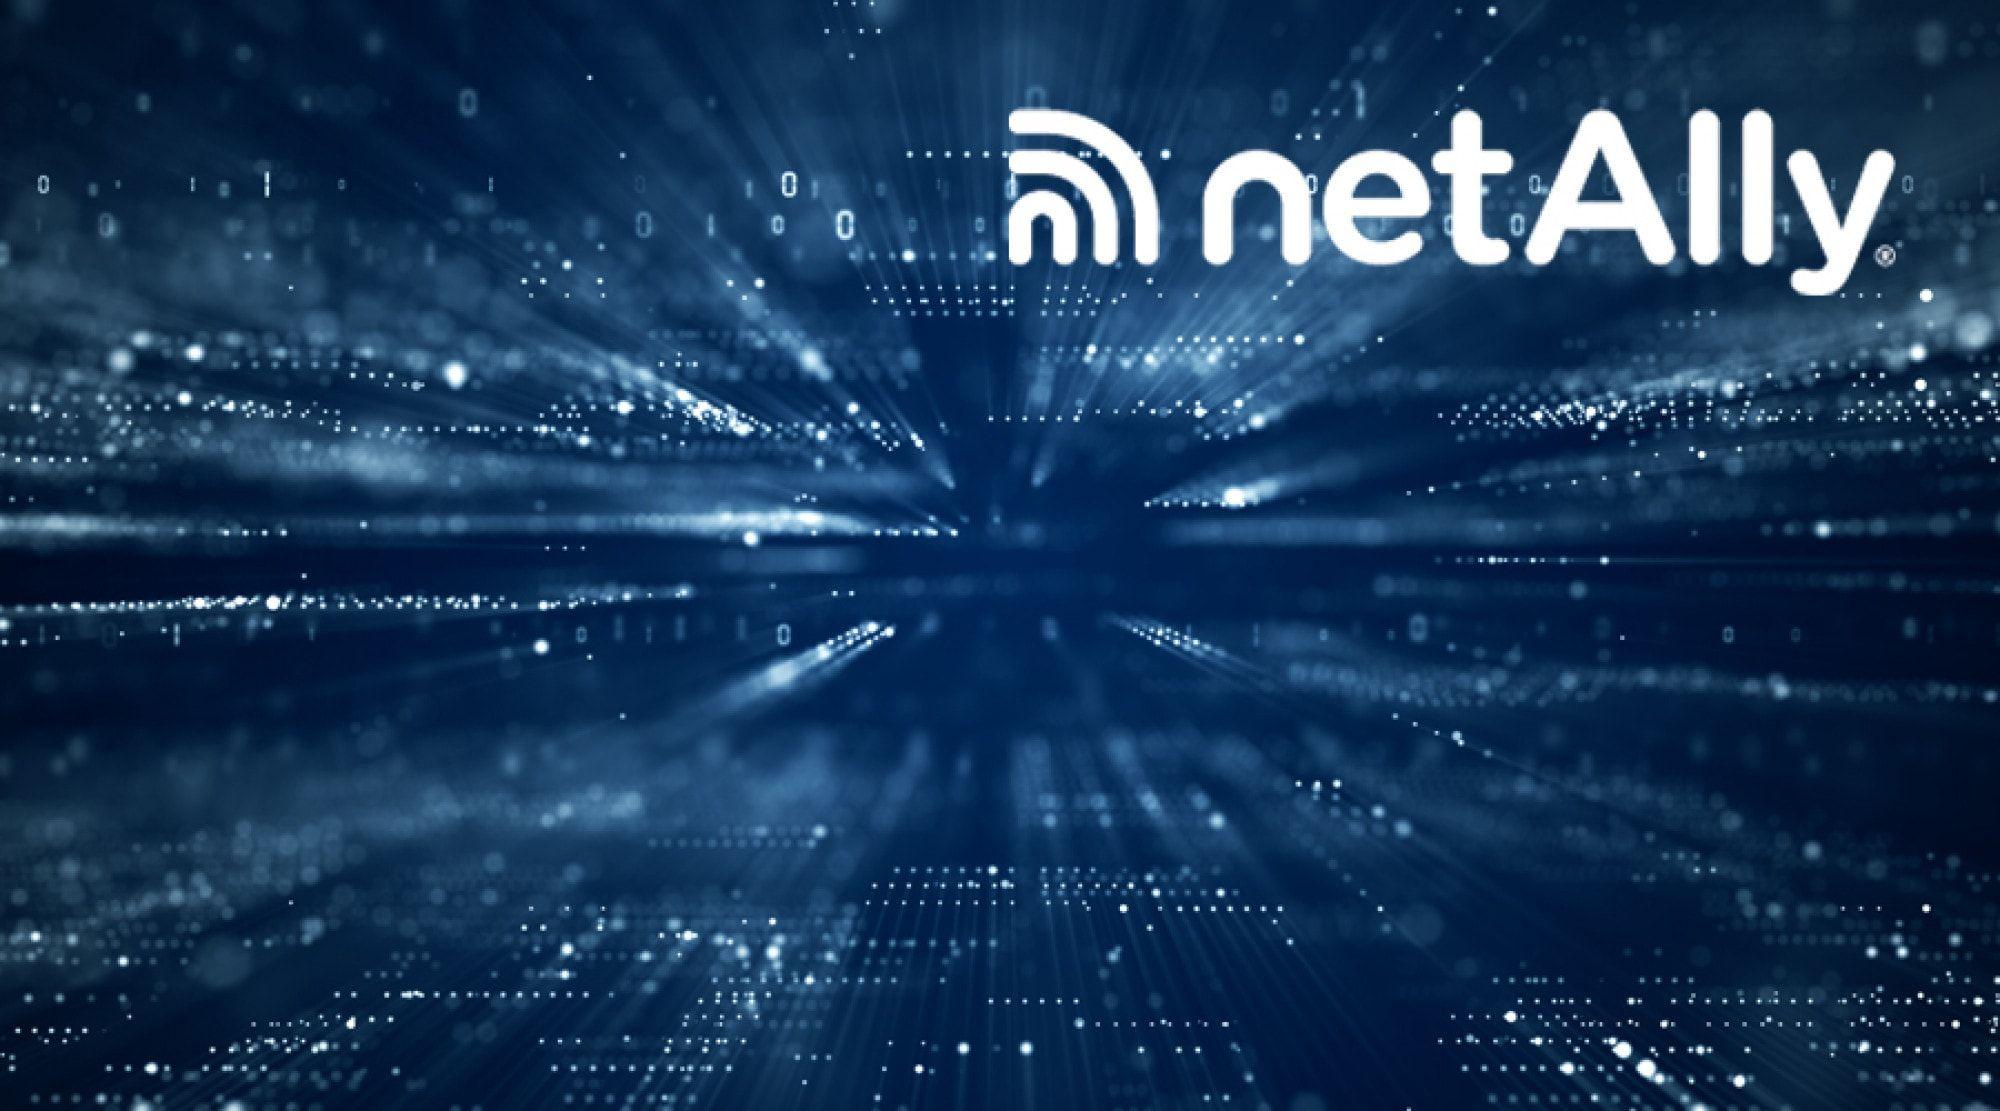 Nuvias adds NetAlly